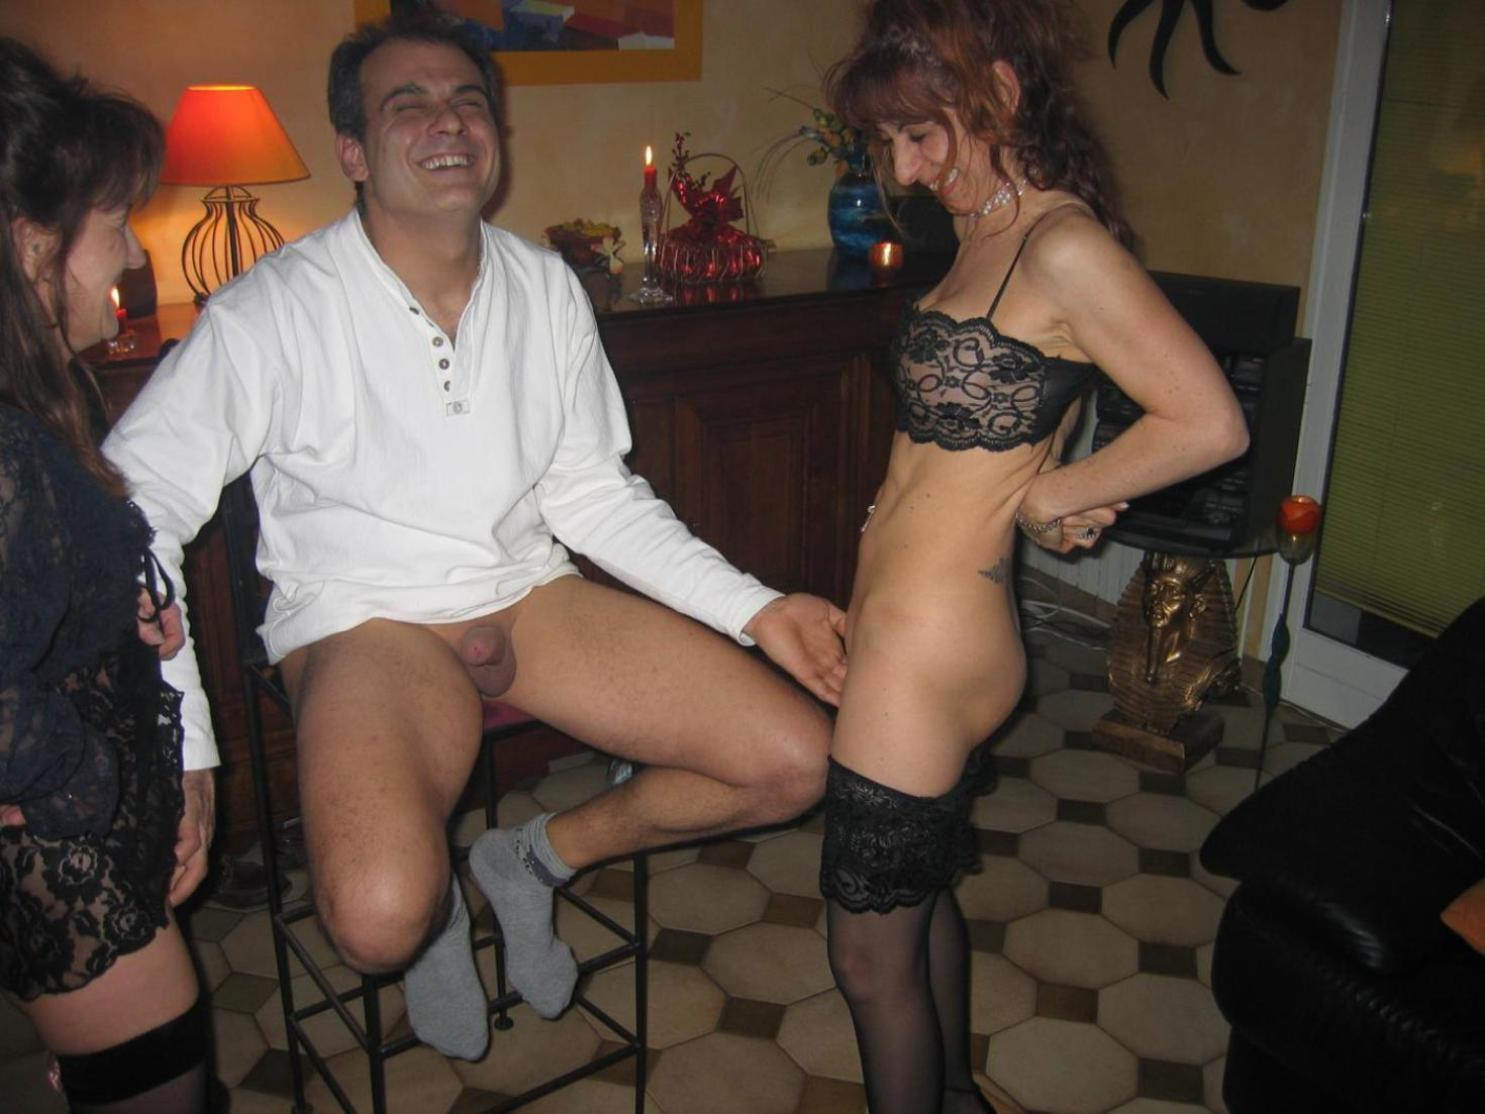 Поход жены в свингер клуб, Поход в свинг клуб зрелой жены 12 фотография